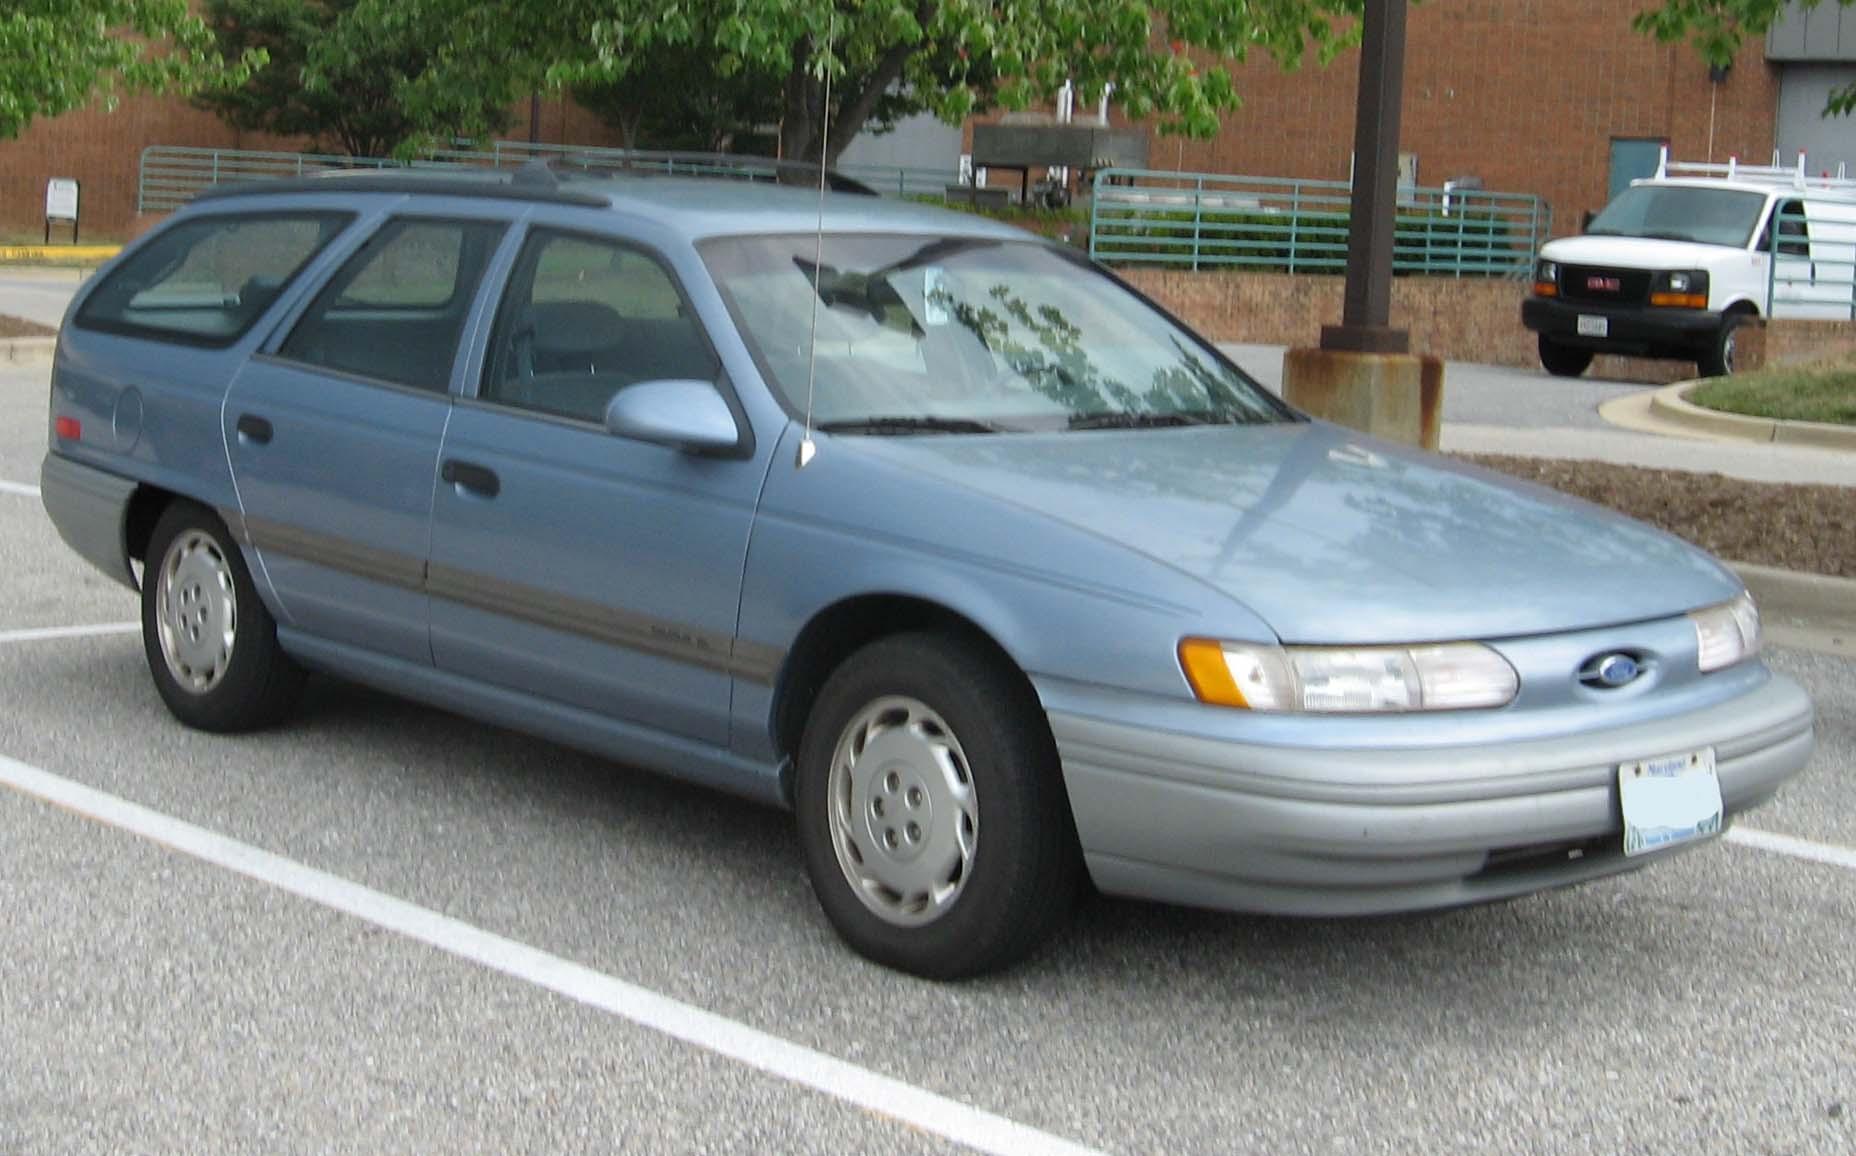 Ford Taurus II 1991 - 1995 Station wagon 5 door #1